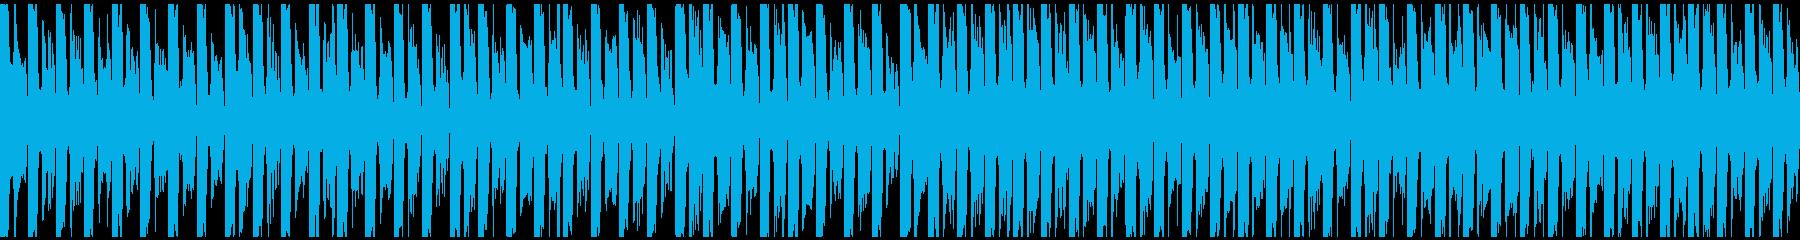 科学、技術、デジタル情報タイプのサ...の再生済みの波形